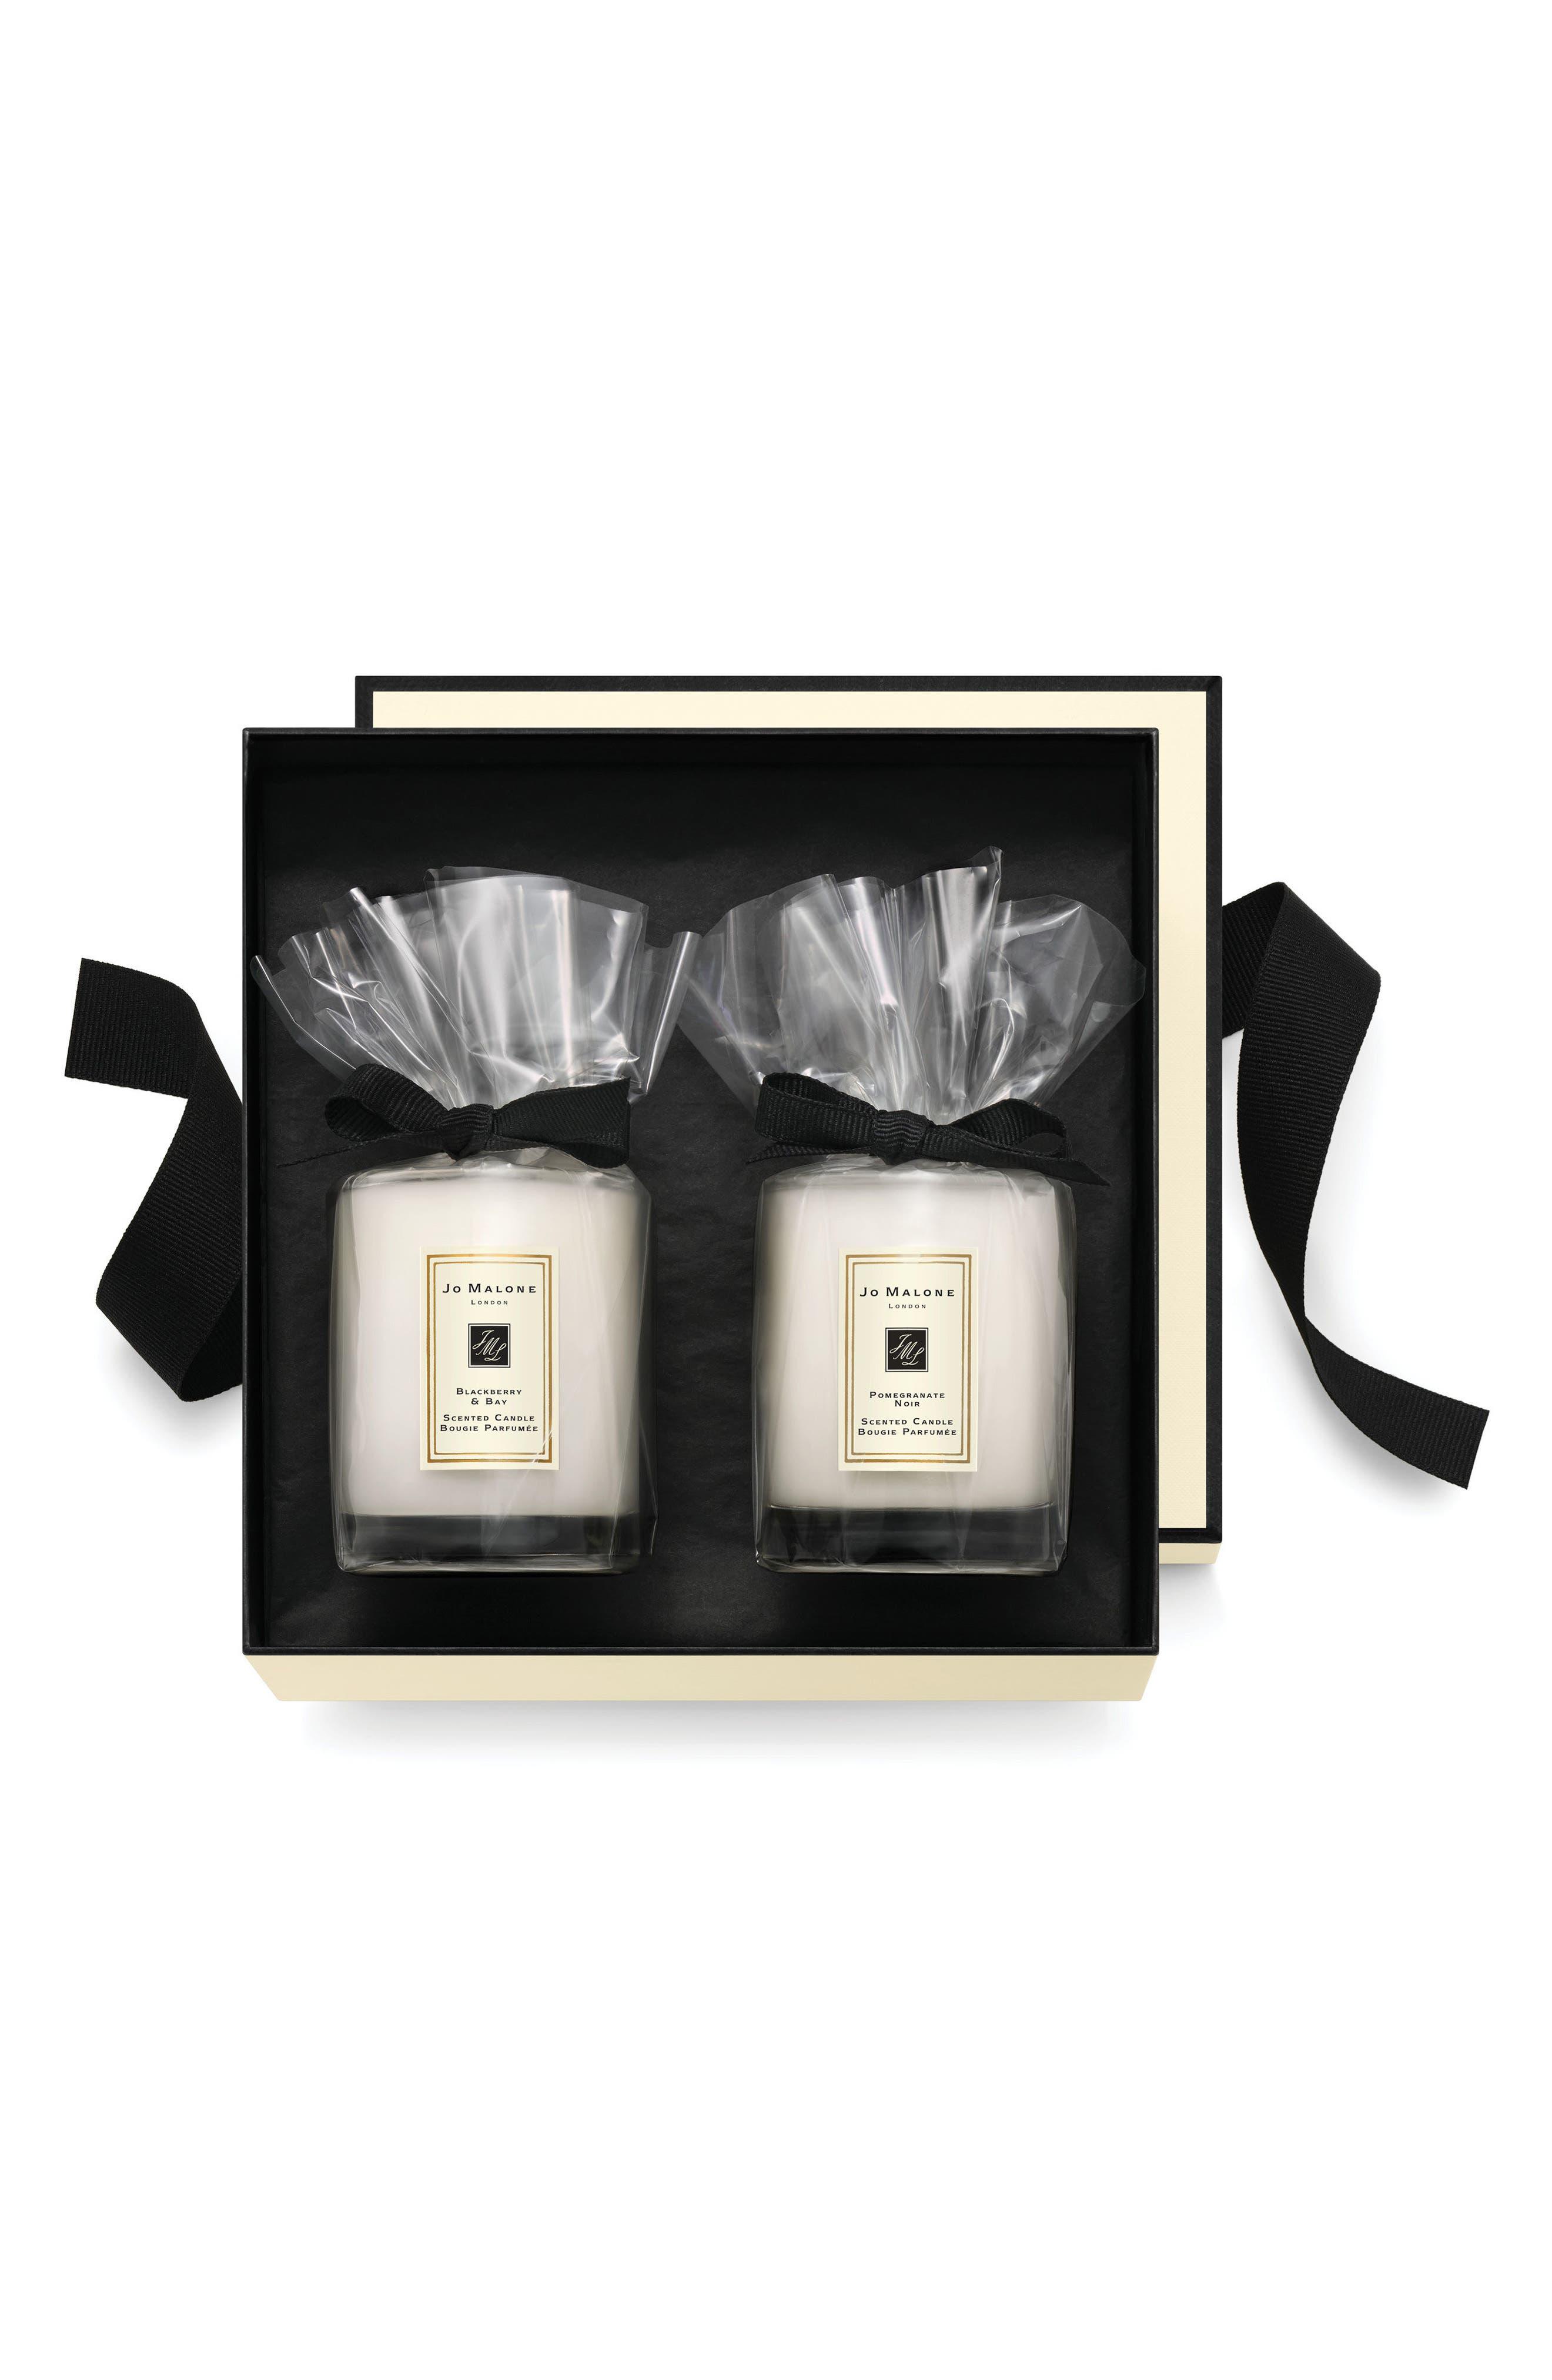 Jo Malone London™ Travel Candle Duo